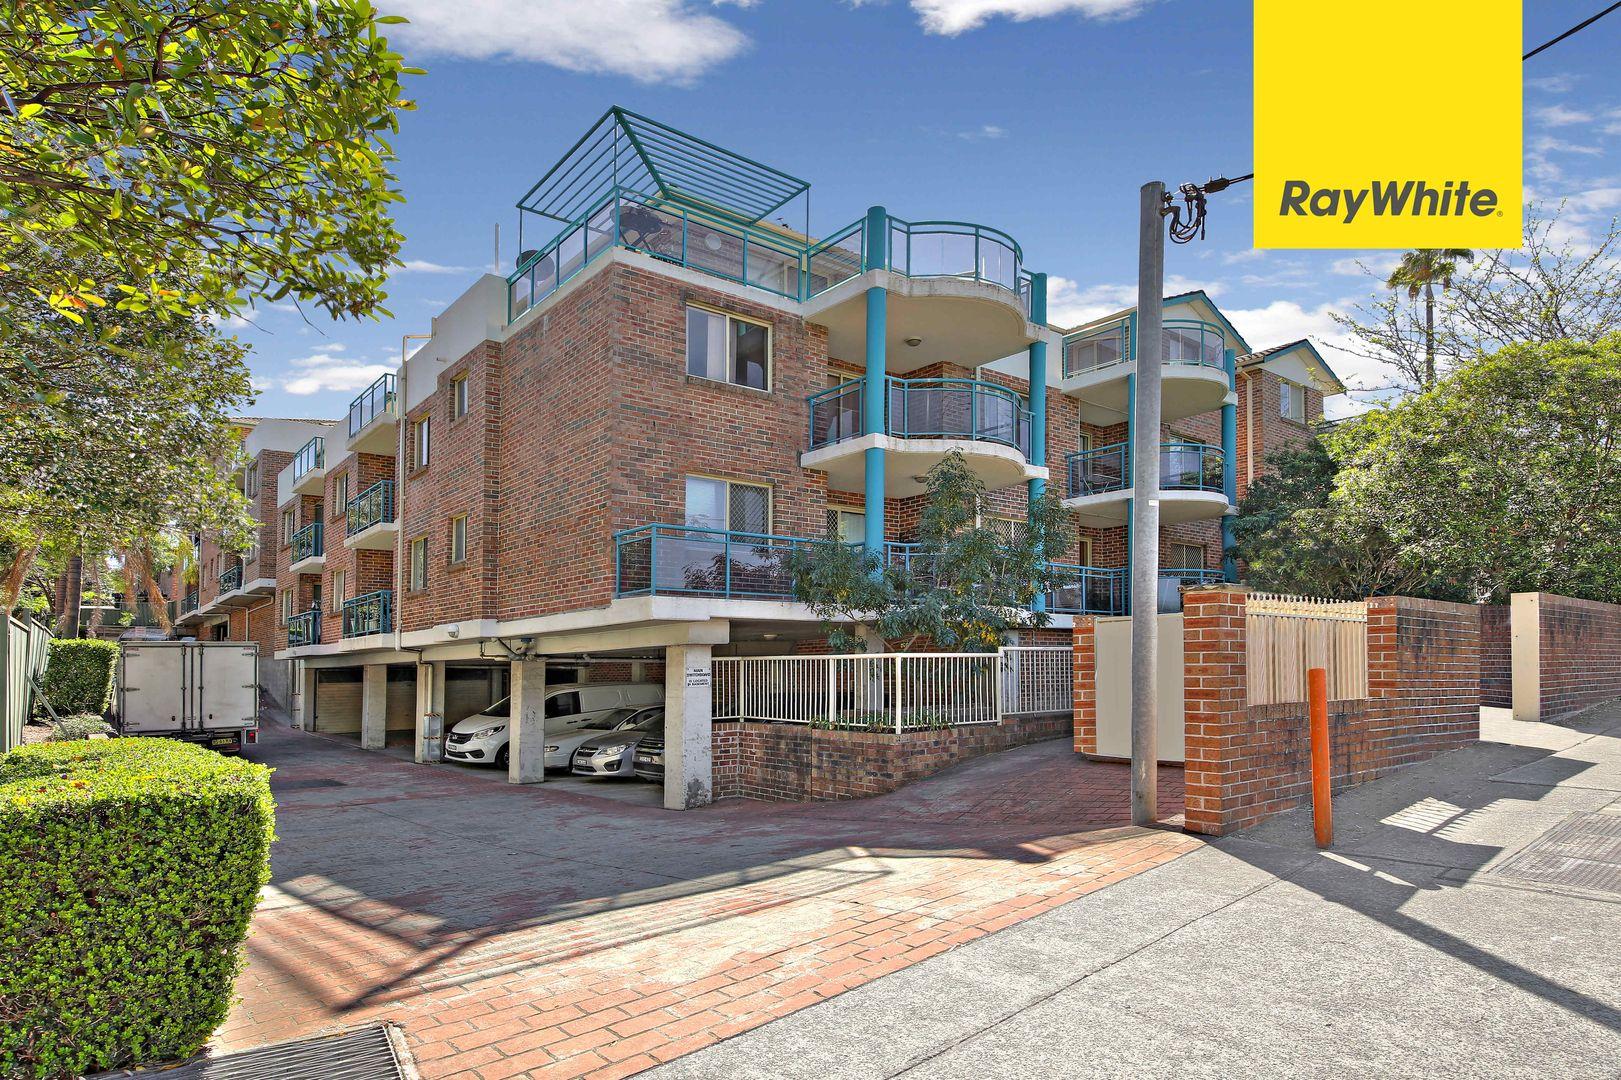 30/1-9 Rickard Road, Bankstown NSW 2200, Image 0